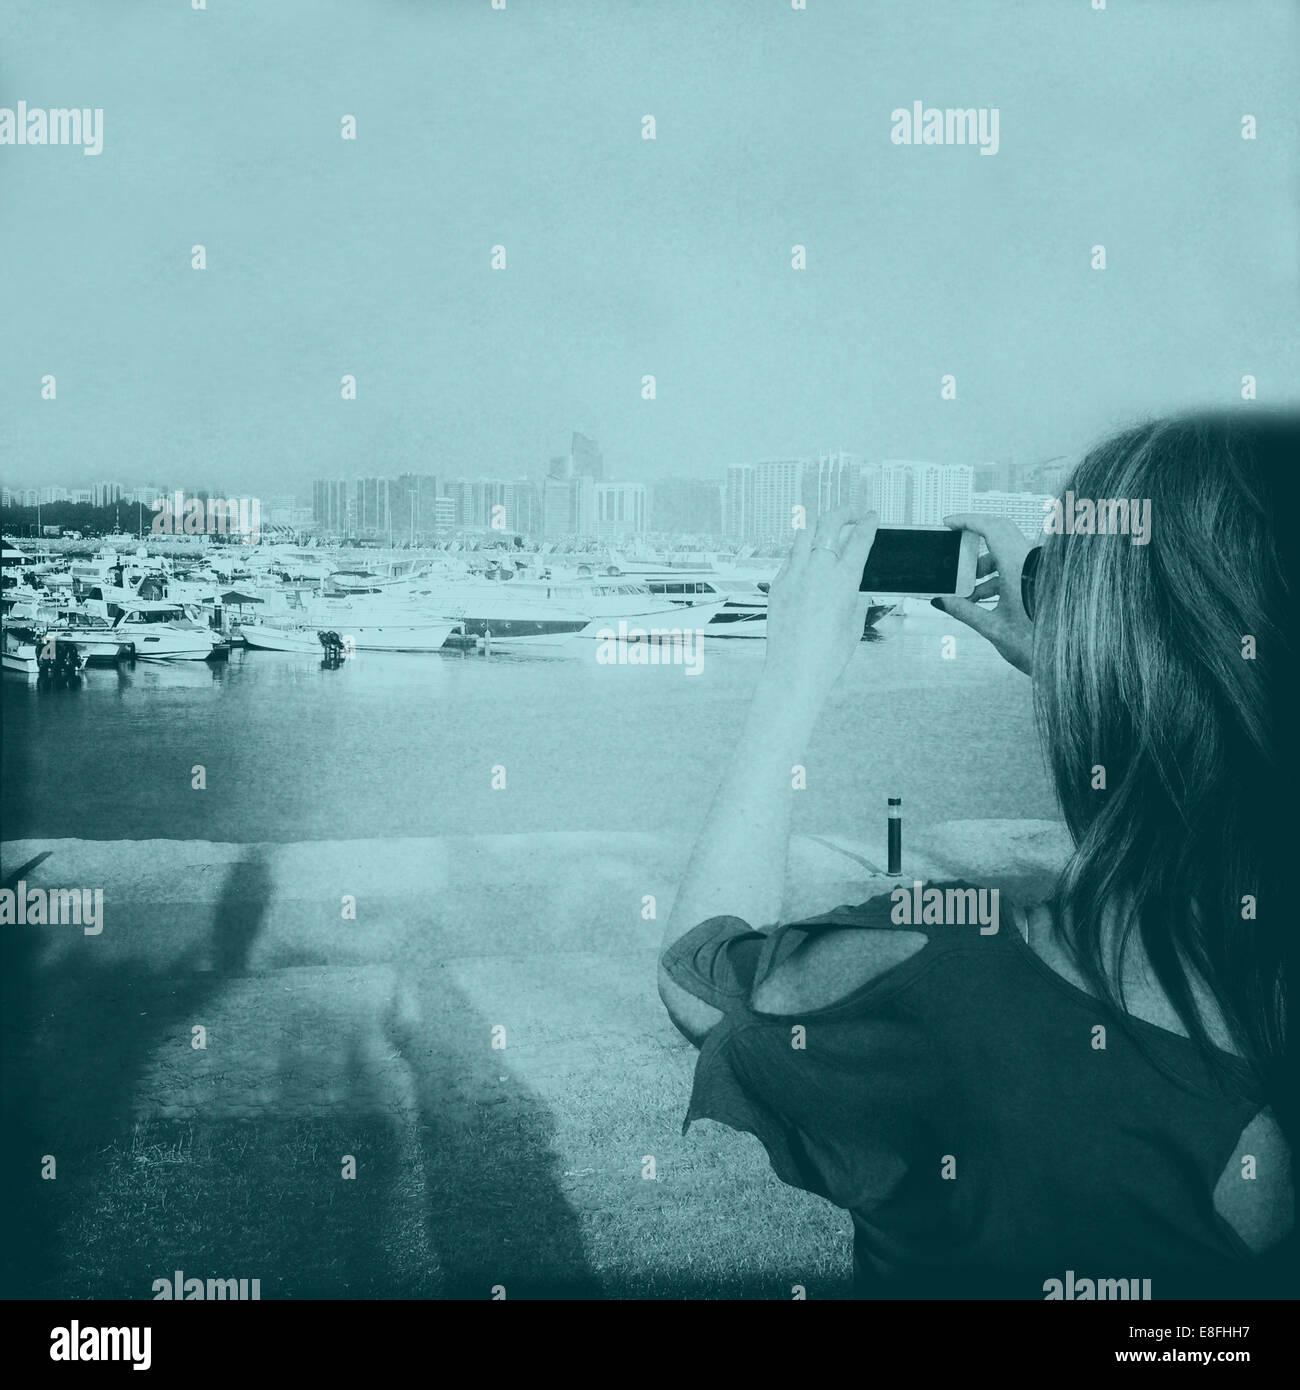 United Arab Emirates, Abu Dhabi, Woman taking photograph on phone - Stock Image